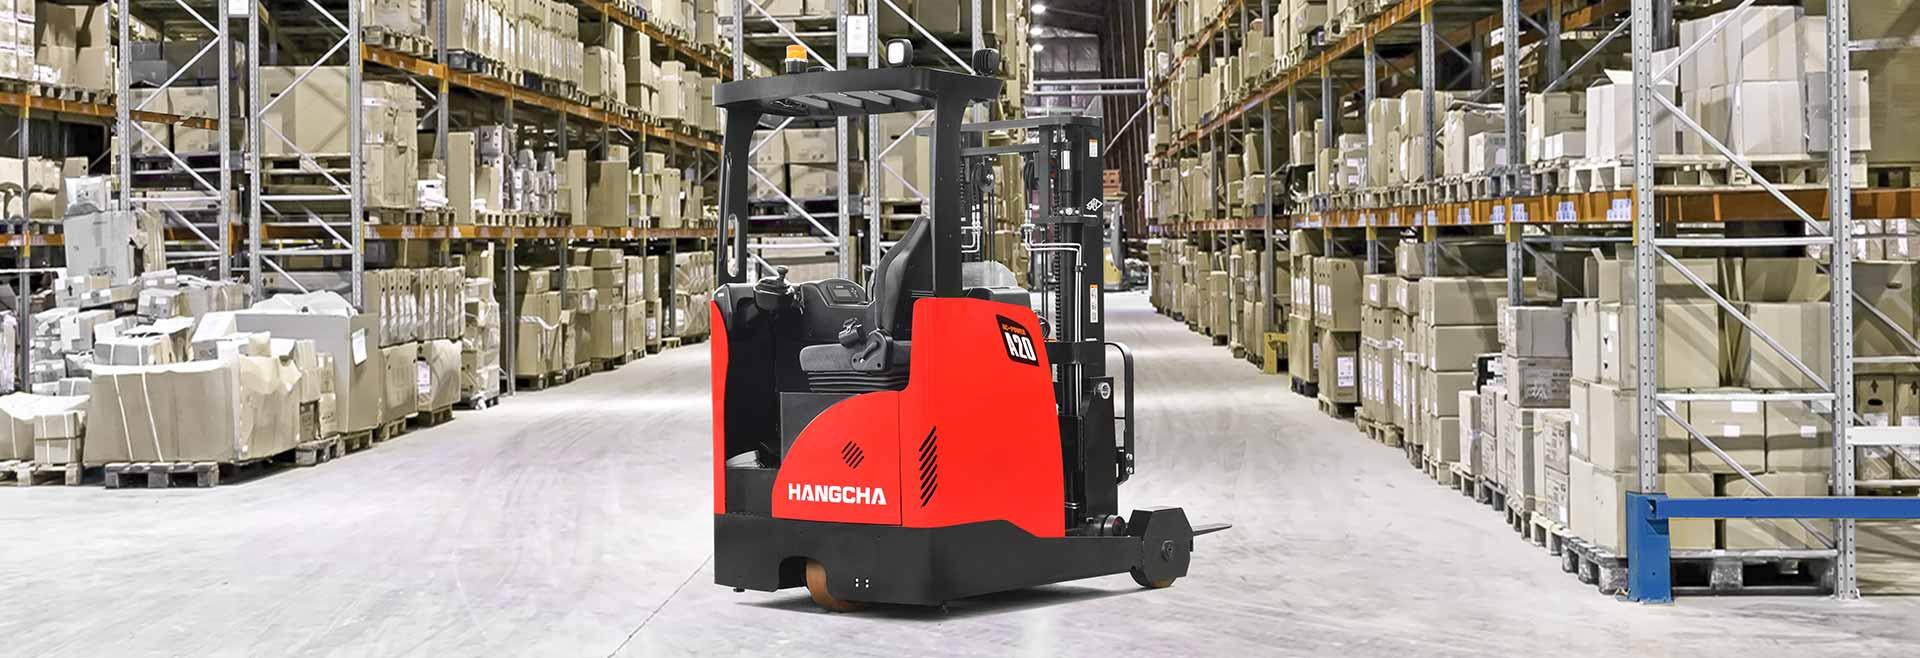 Hangcha Trucks